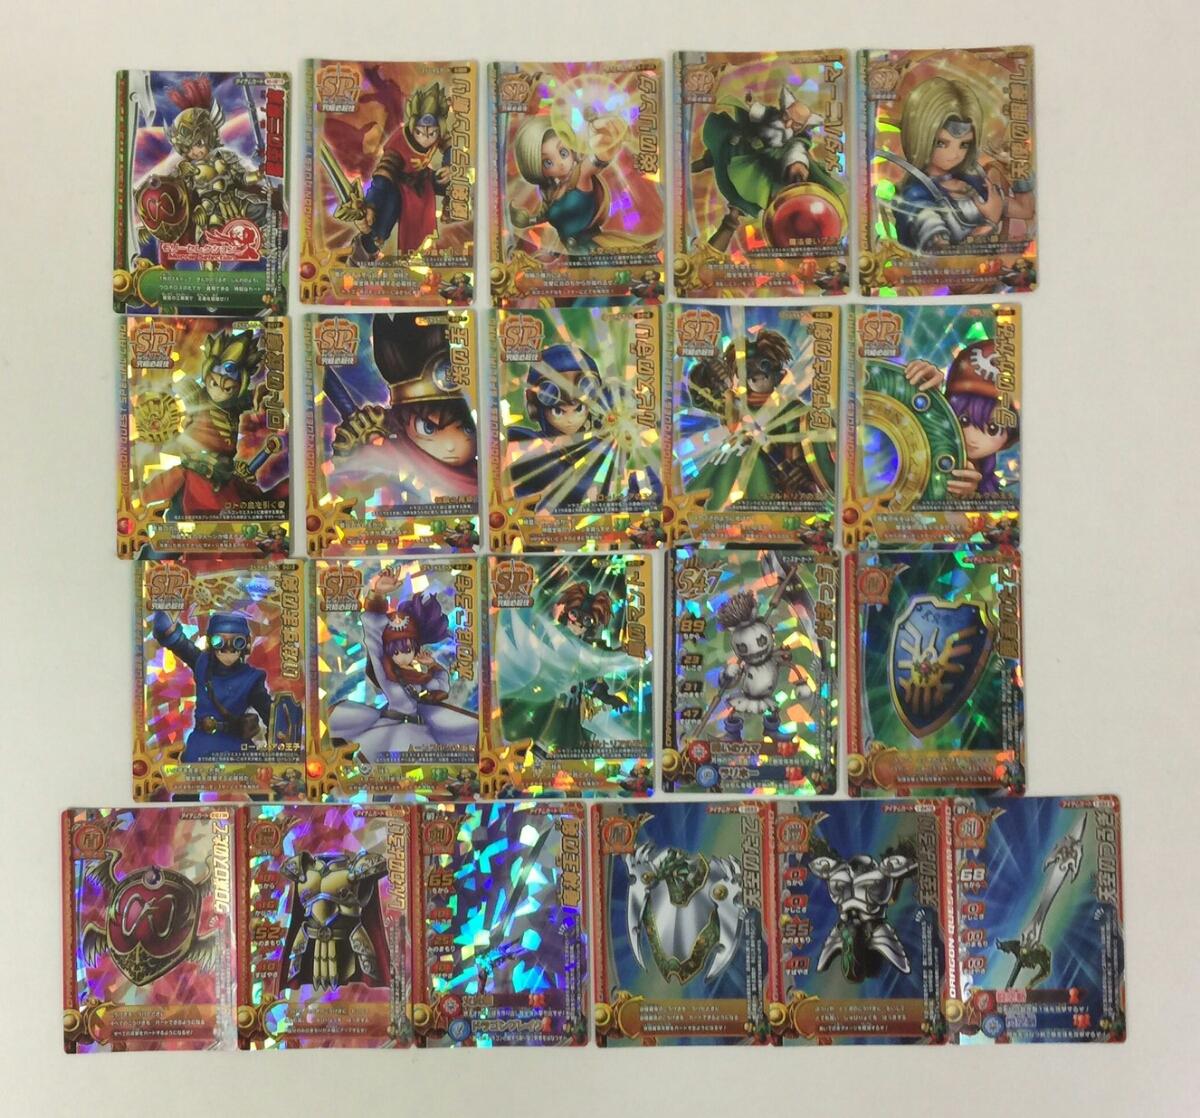 ドラゴンクエスト モンスターバトルロード SP キラ カード セット モリーセレクション 光の玉 勇者のたて ロトの紋章